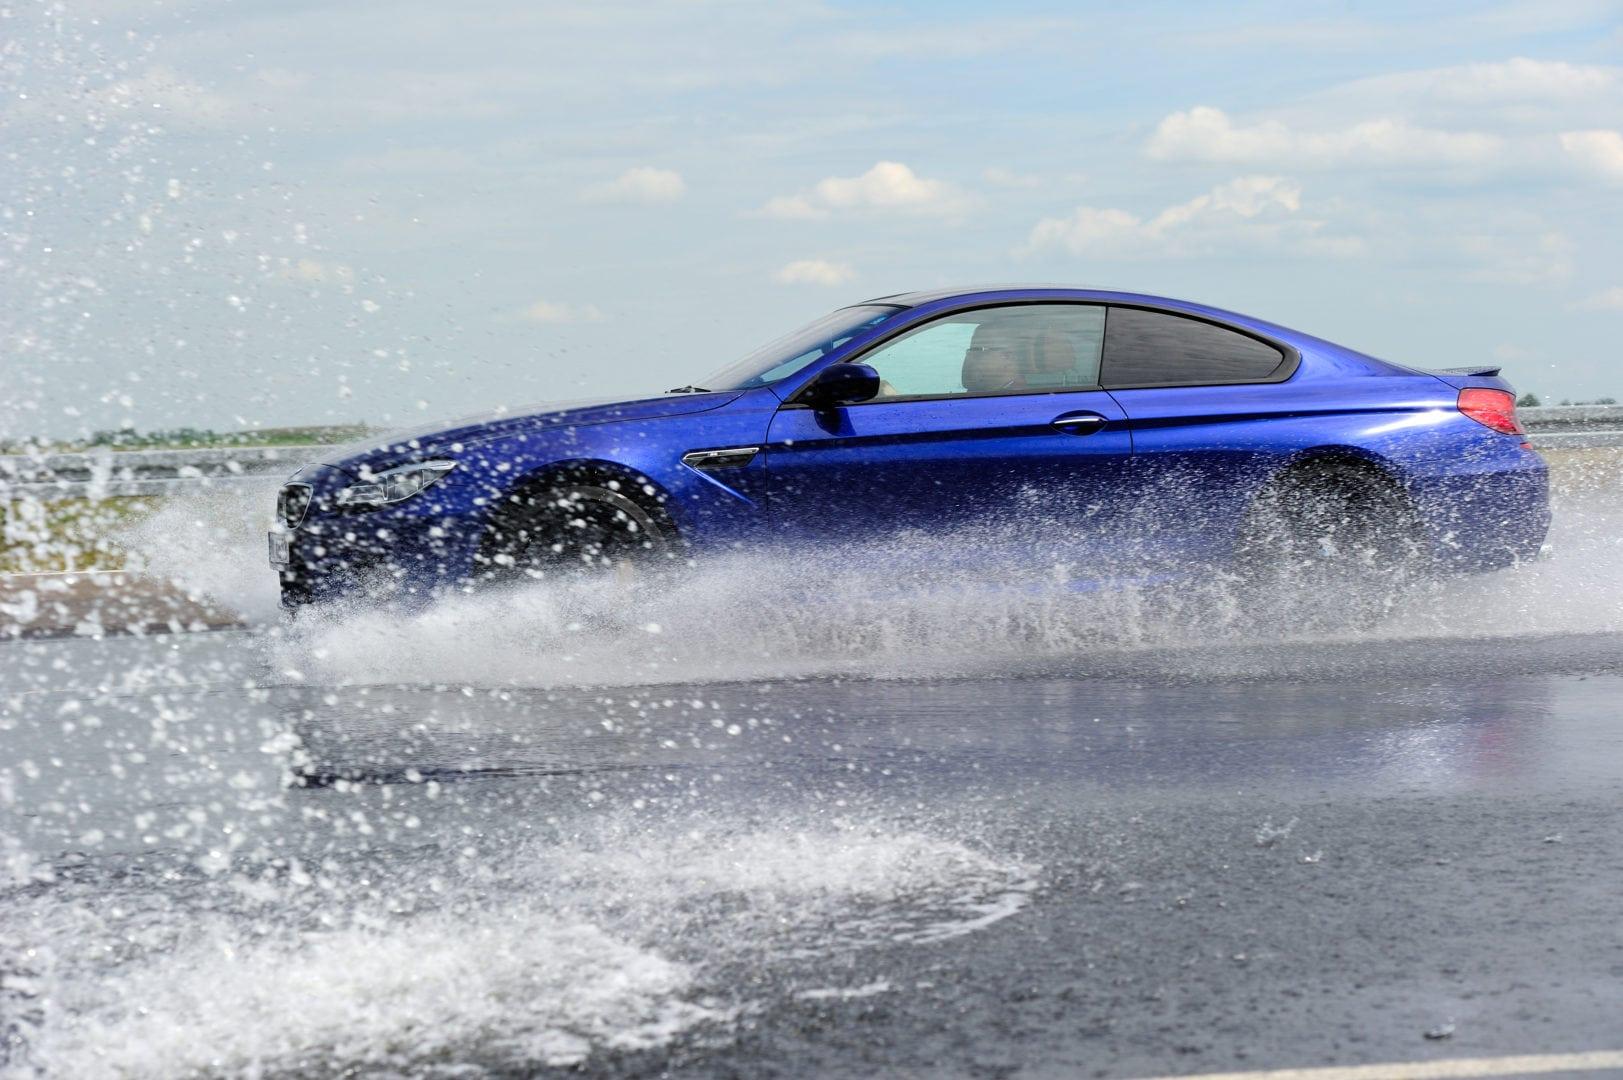 BMW_MPower_Media_Event_010615_f.D_Kalamus_D3S_0617